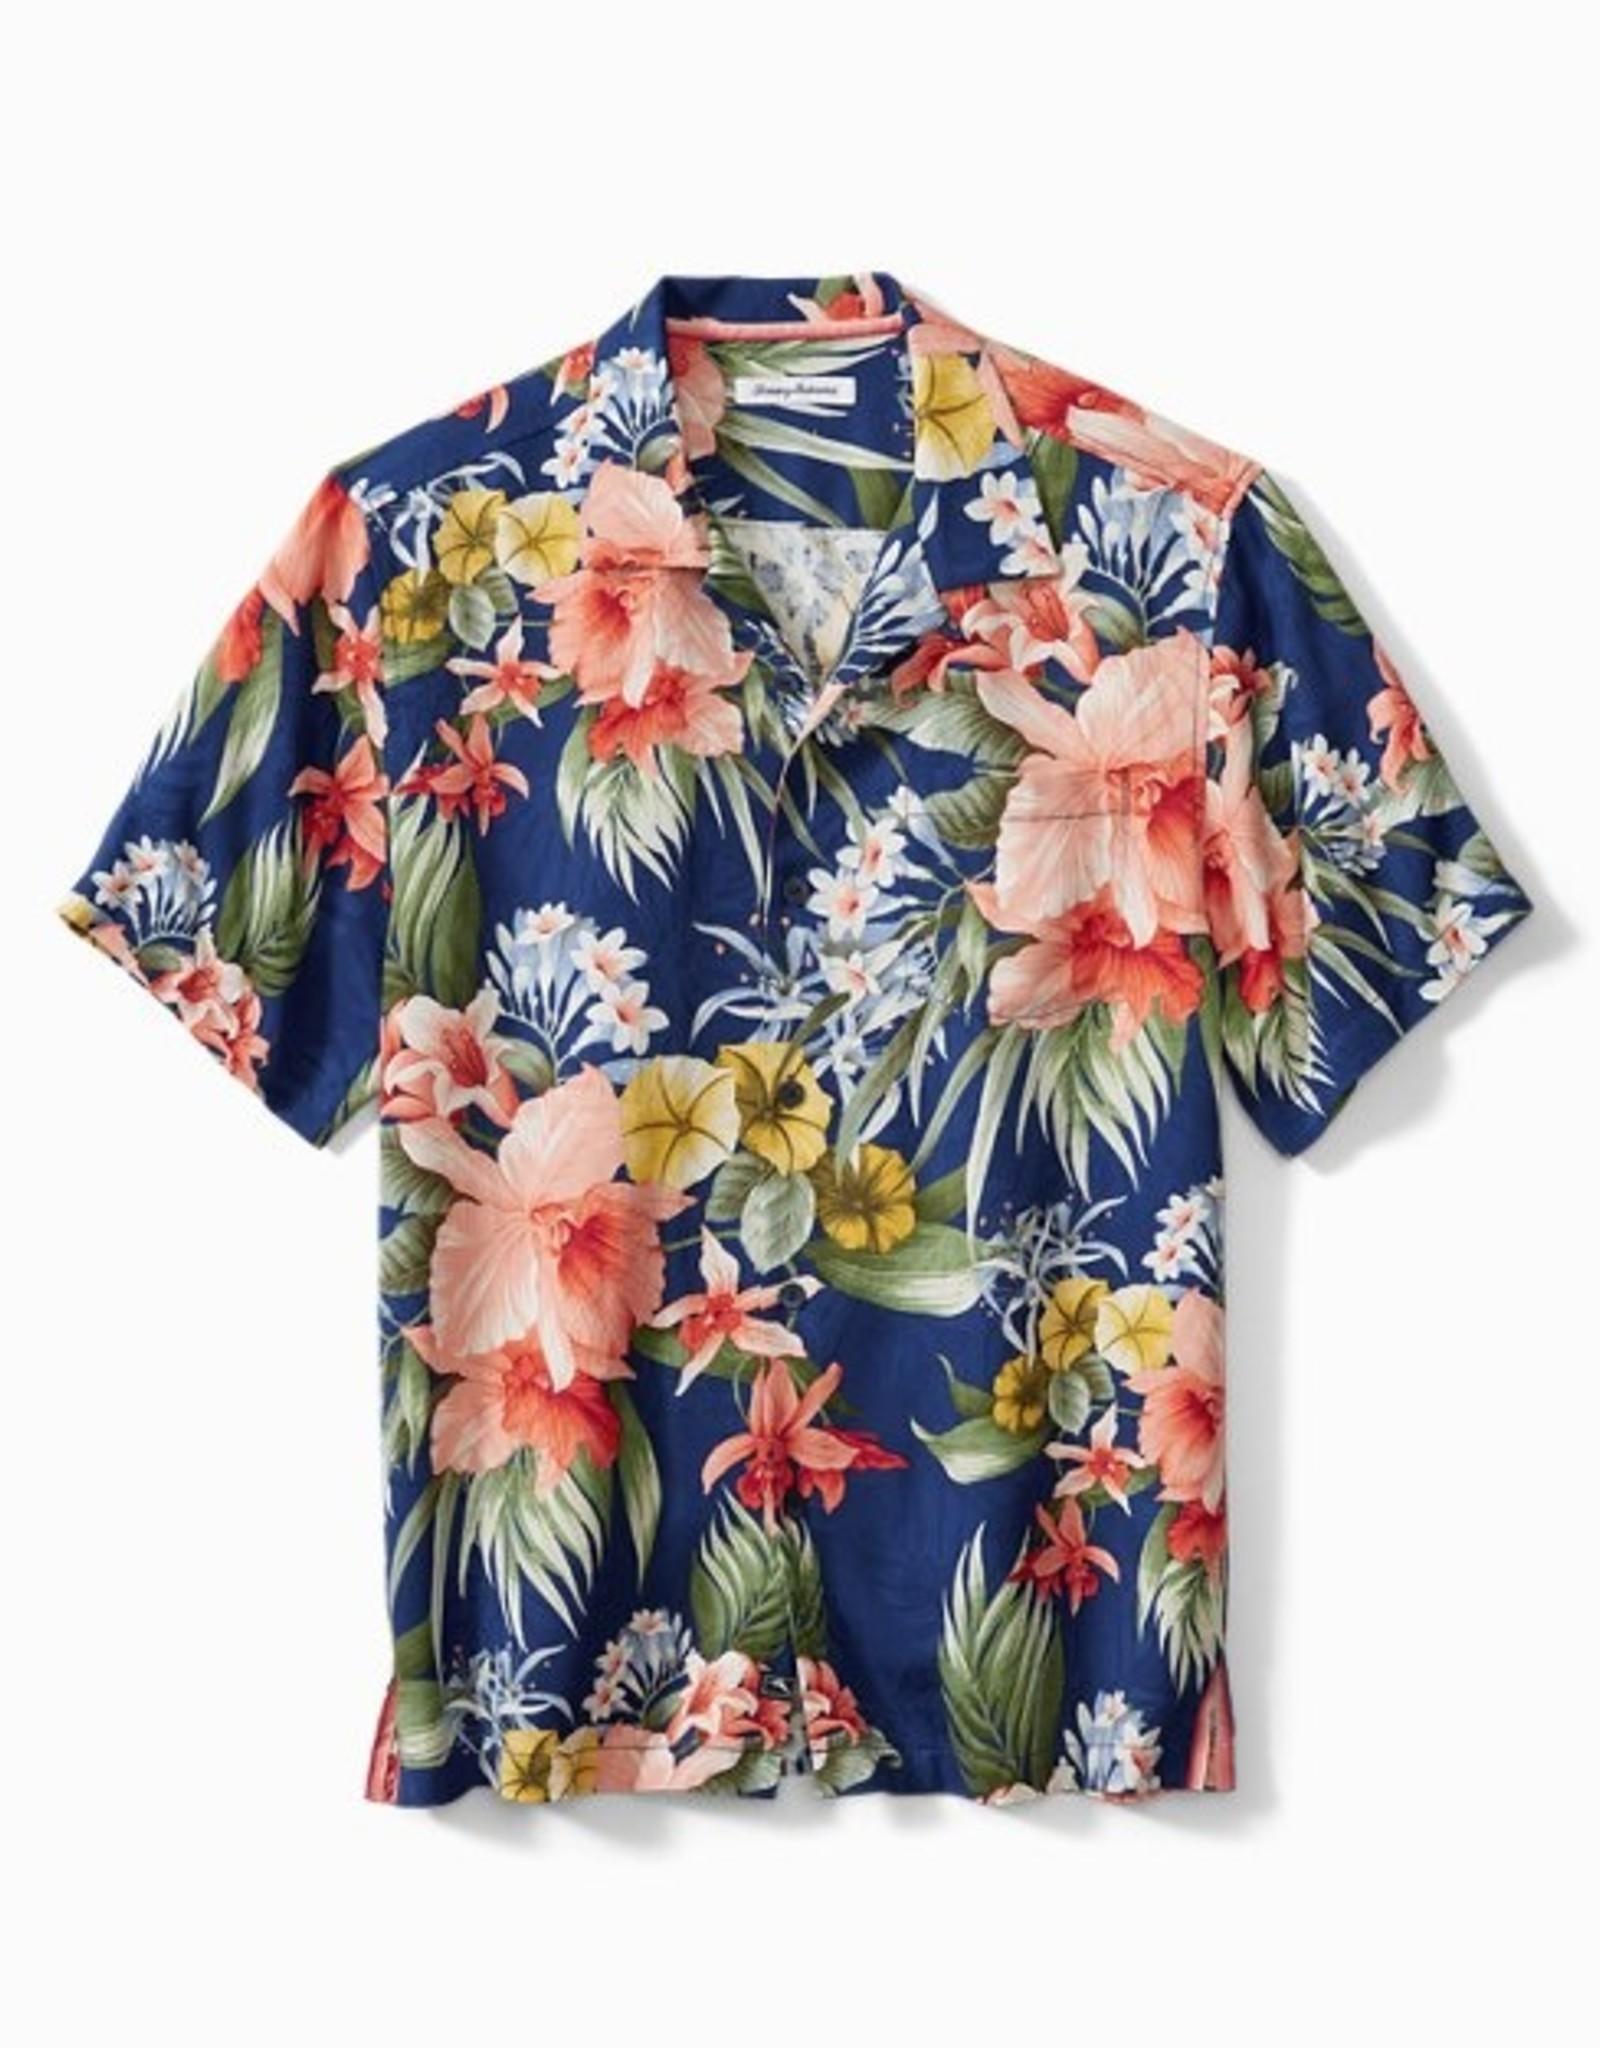 Tommy Bahama Canopy Kaliedoscope Camp Shirt